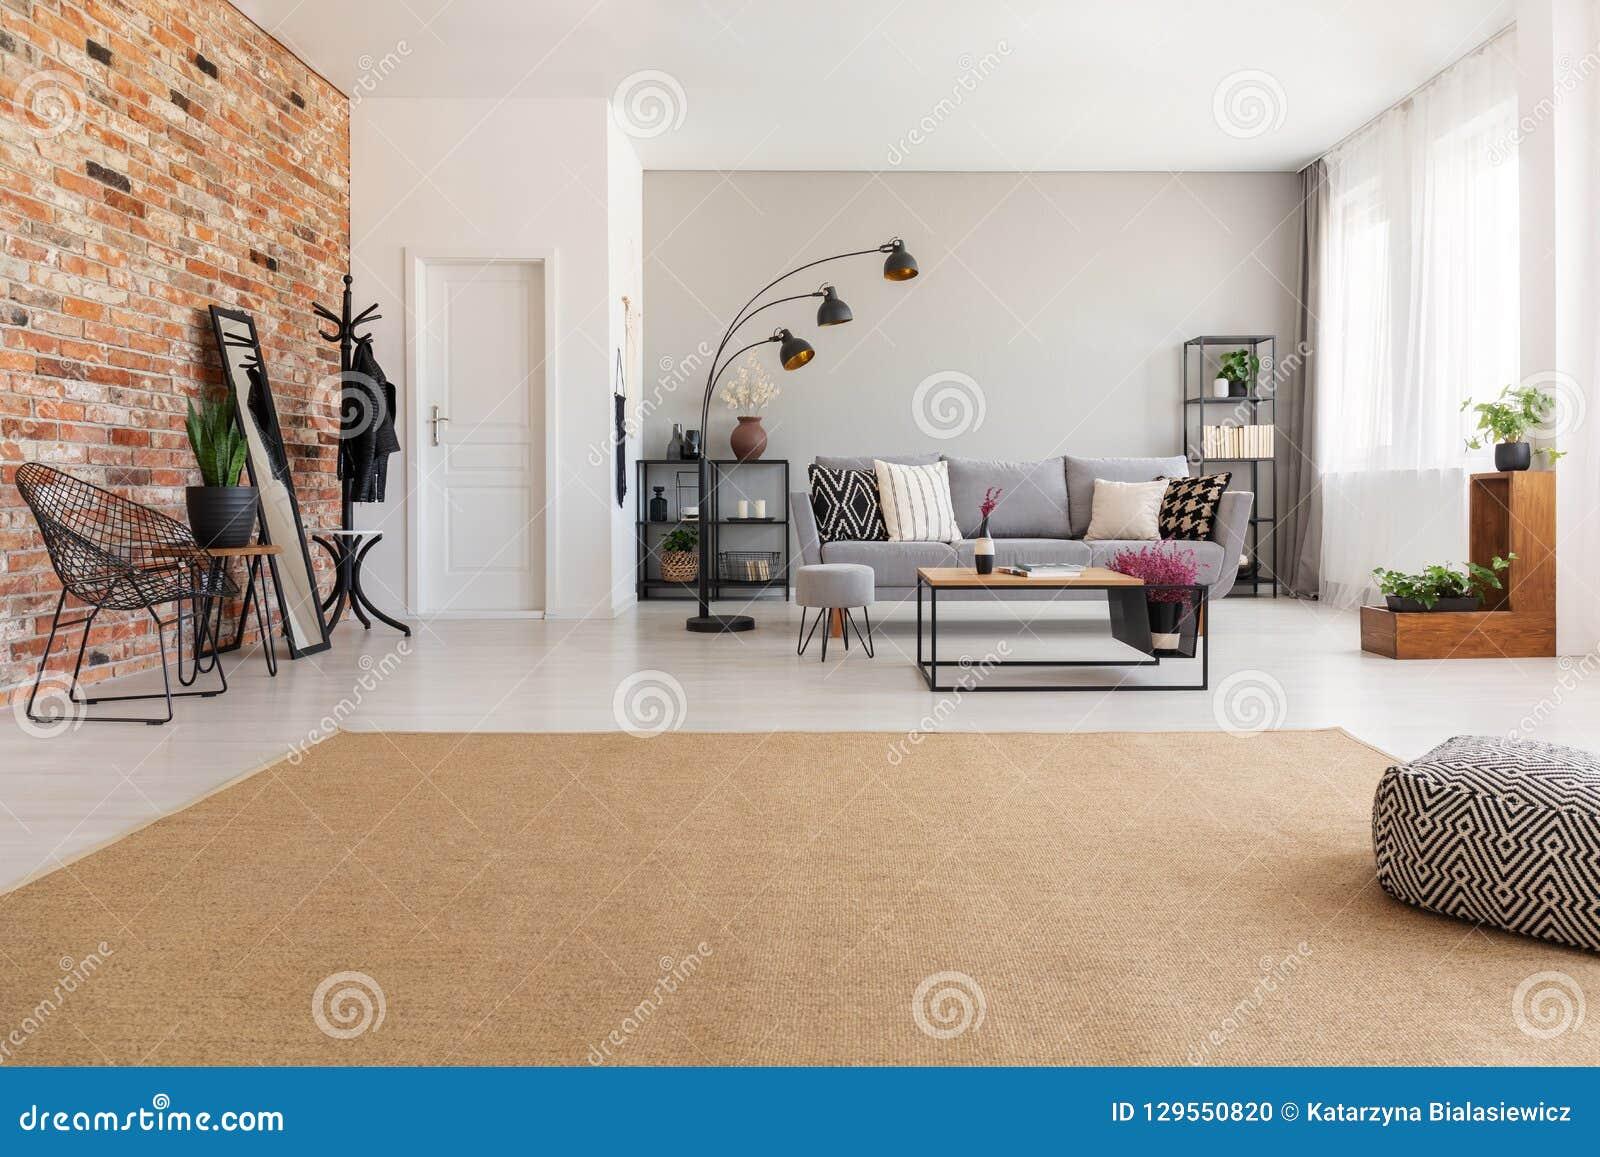 Бежевый ковер в современном интерьере живущей комнаты с серым креслом, промышленной черной лампой металла, деревянным журнальным